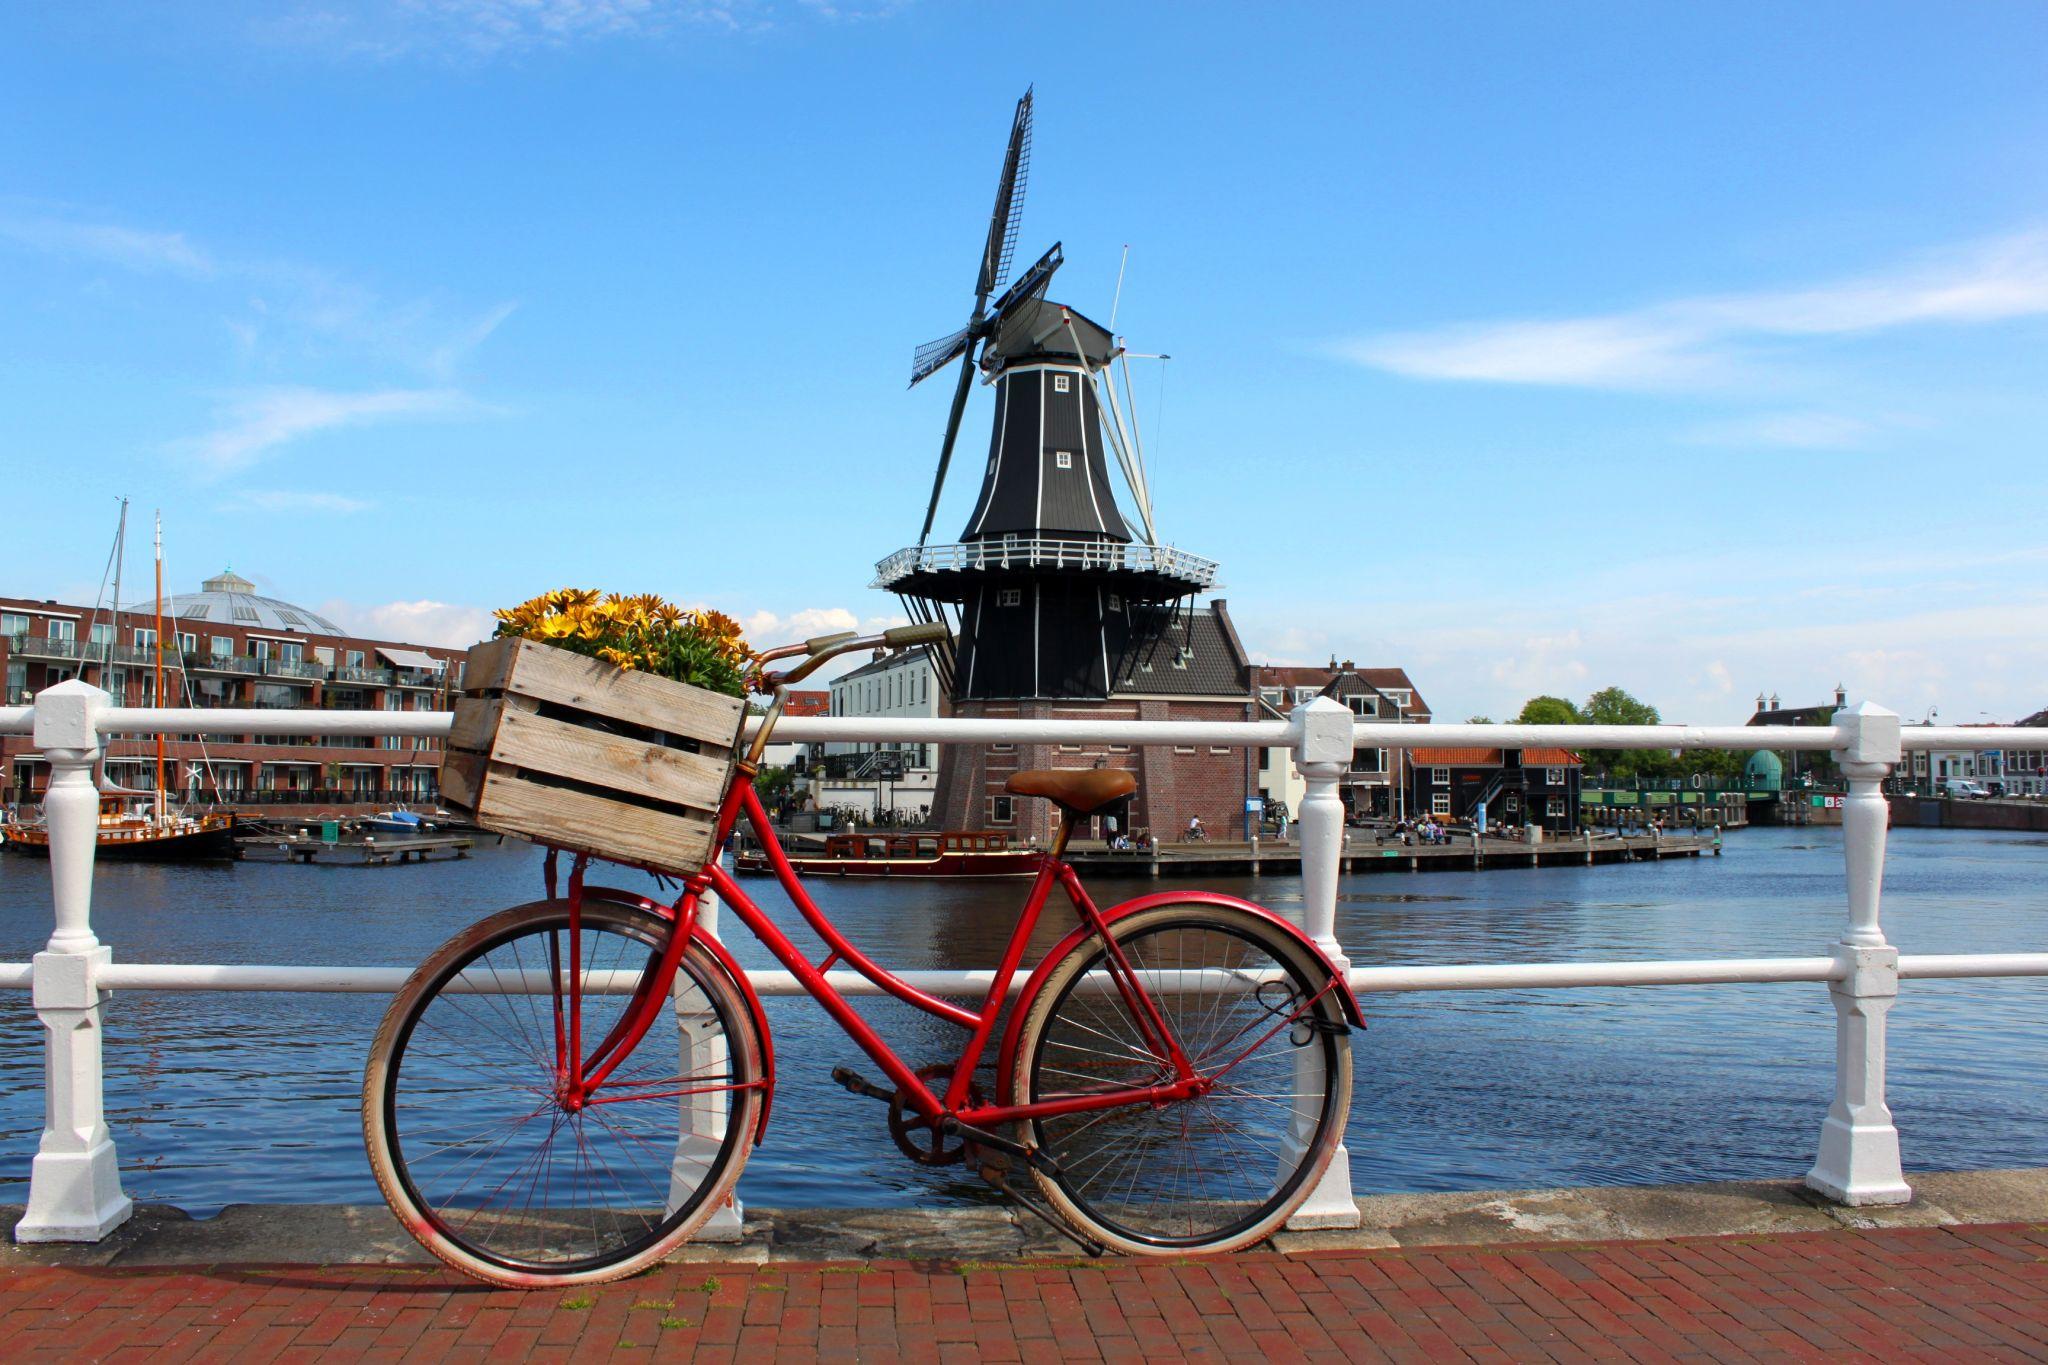 Mühle 'De Adriaan', Netherlands